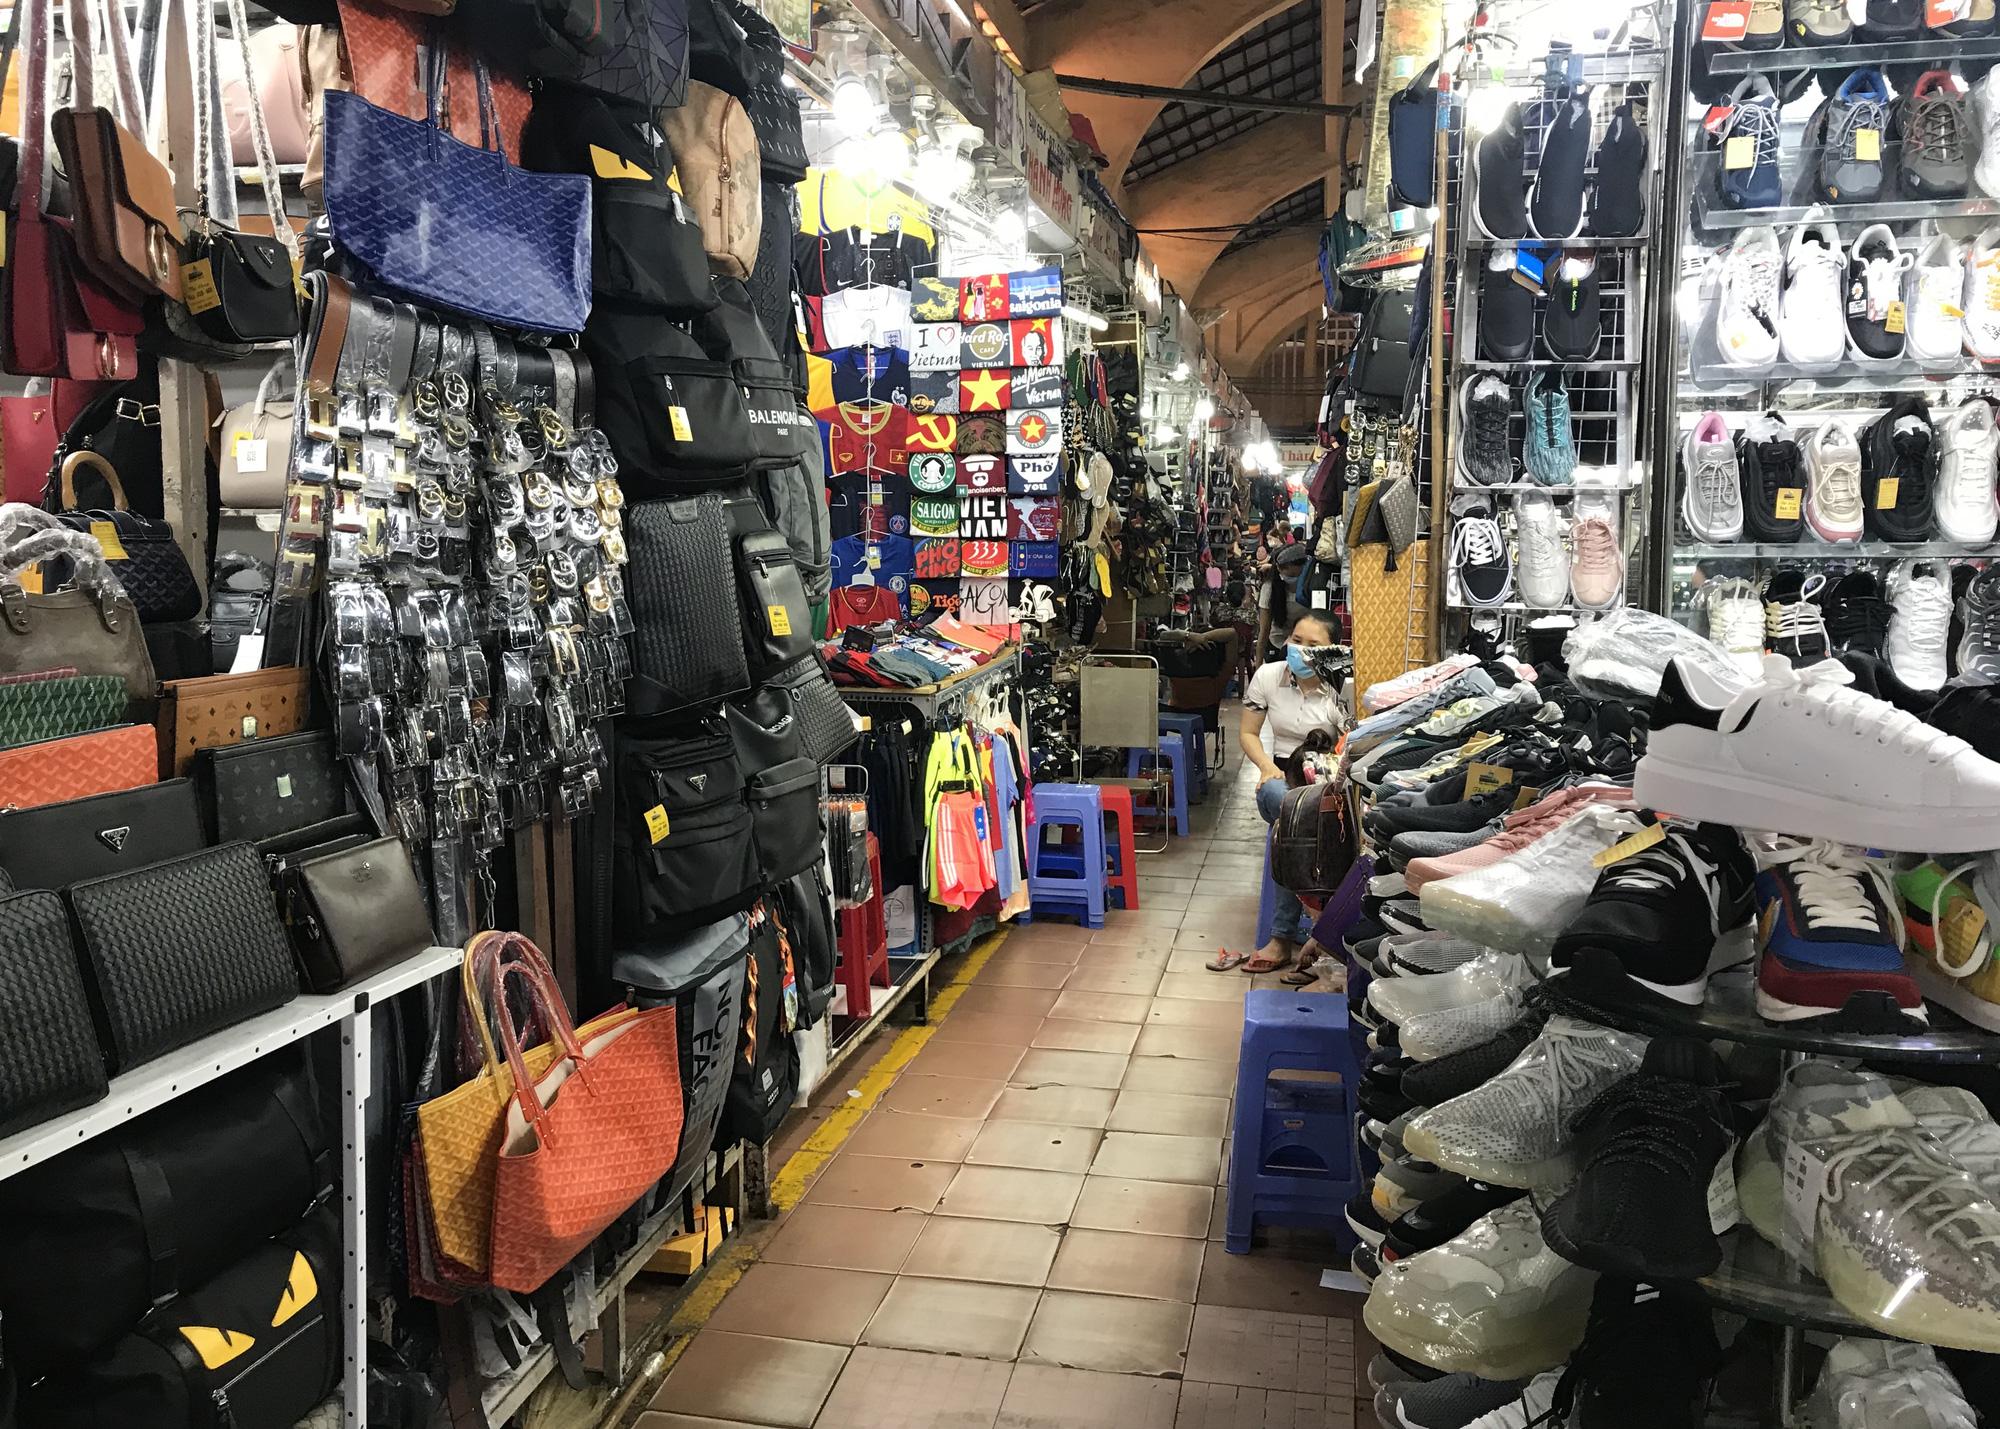 Chợ Bến Thành, Saigon Square ế chưa từng thấy, có tiểu thương đóng cửa, sang sạp vì virus corona - Ảnh 5.